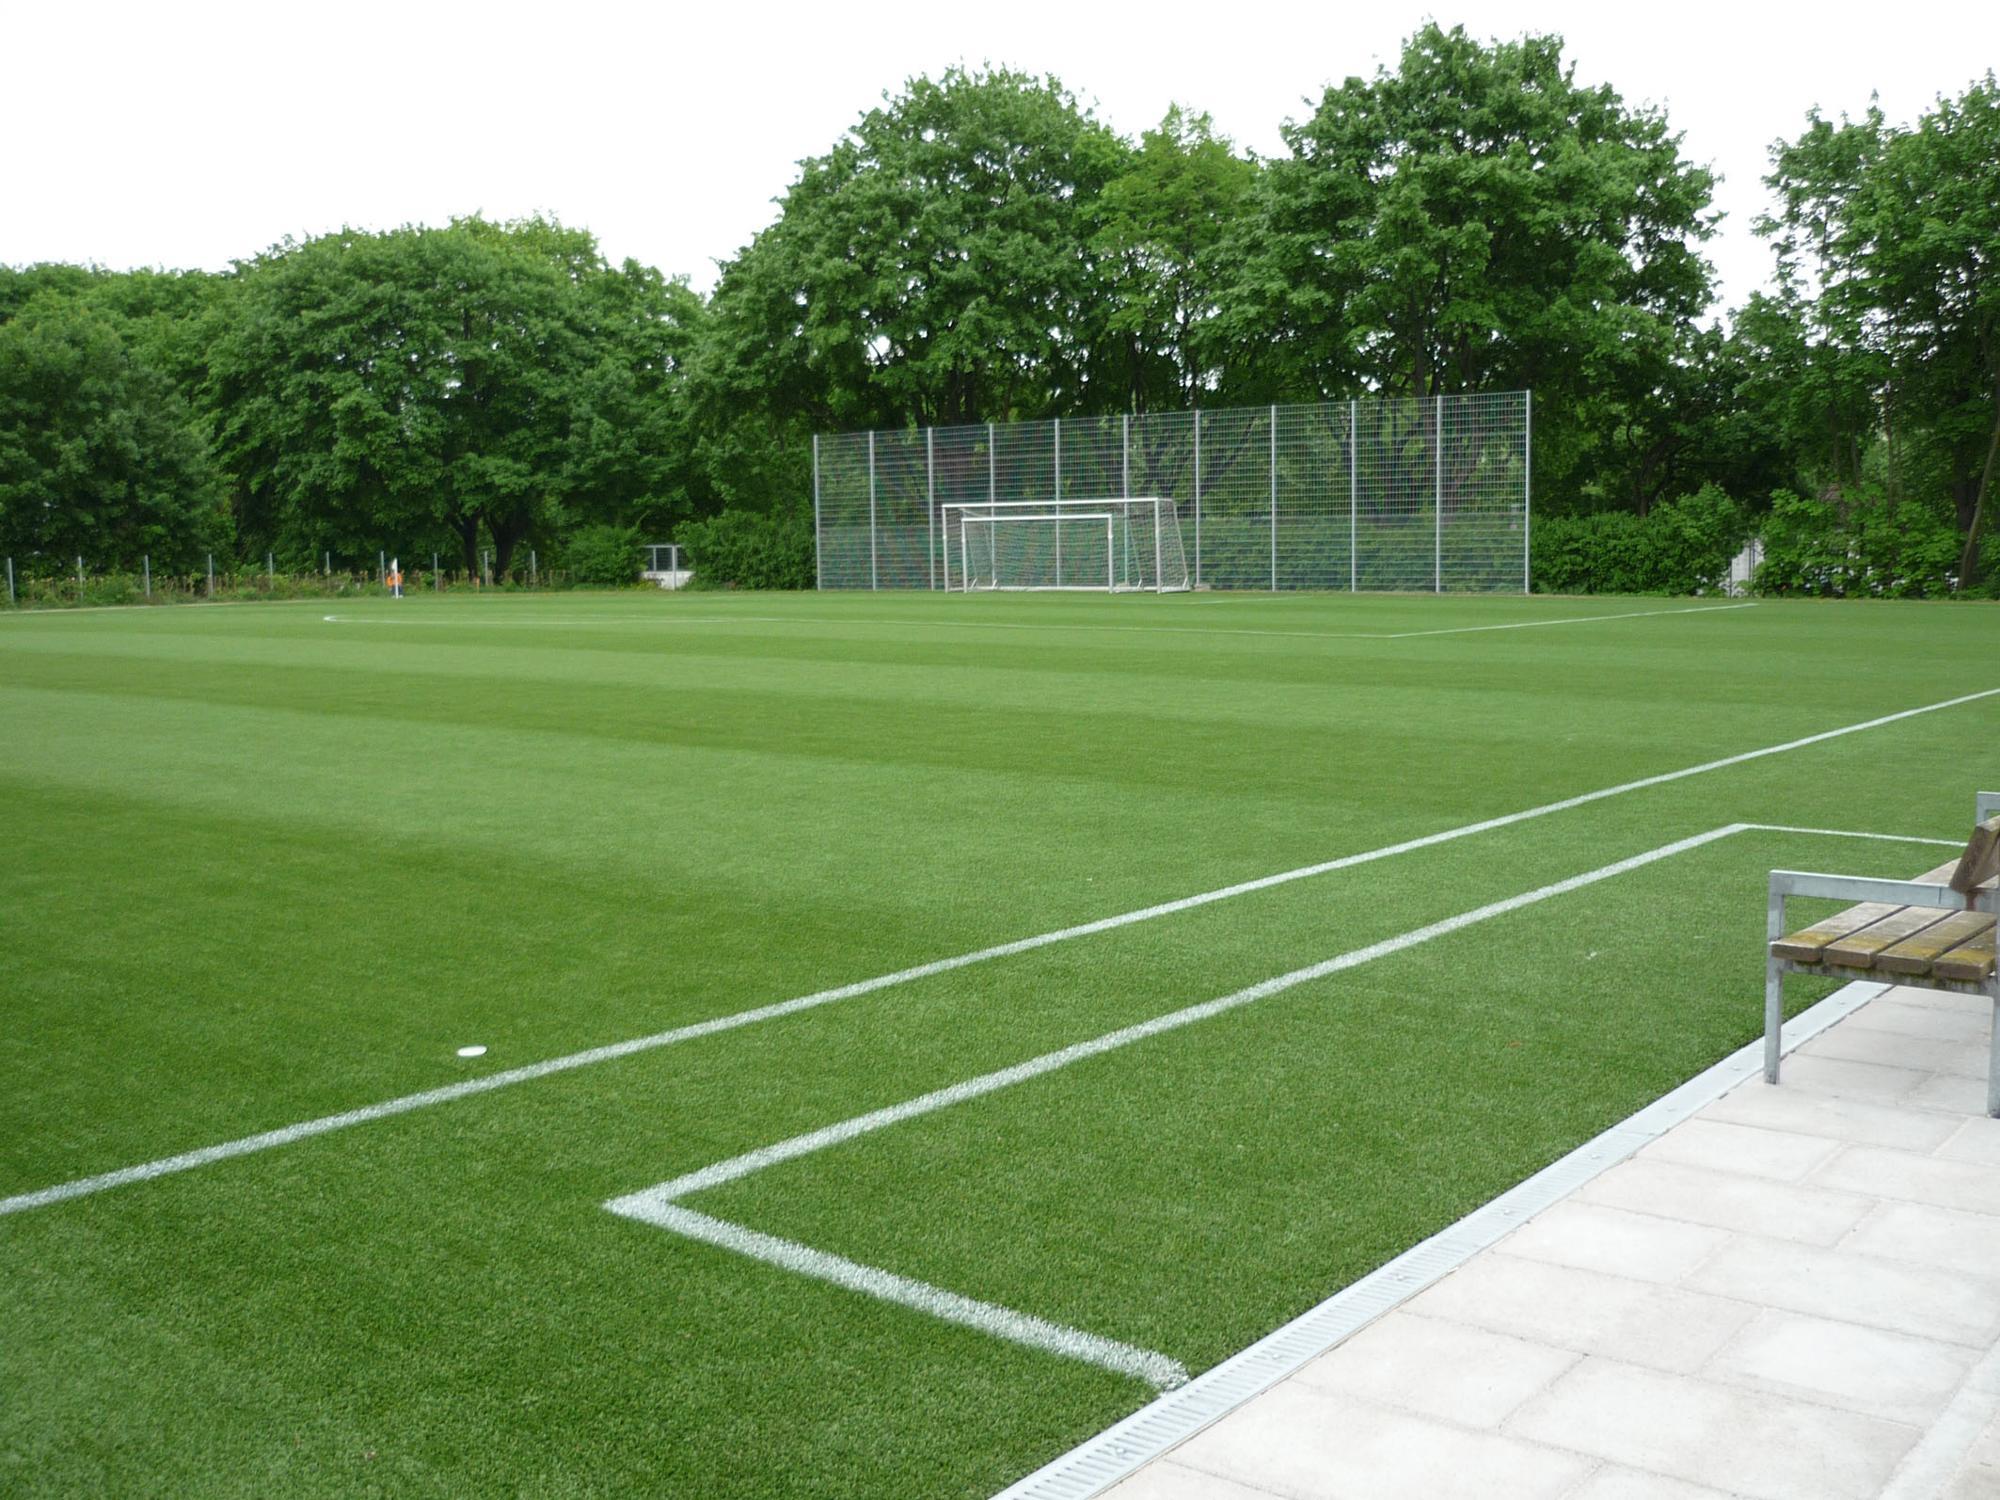 Meest populaire kunstgras voor voetbal kunstgras veld